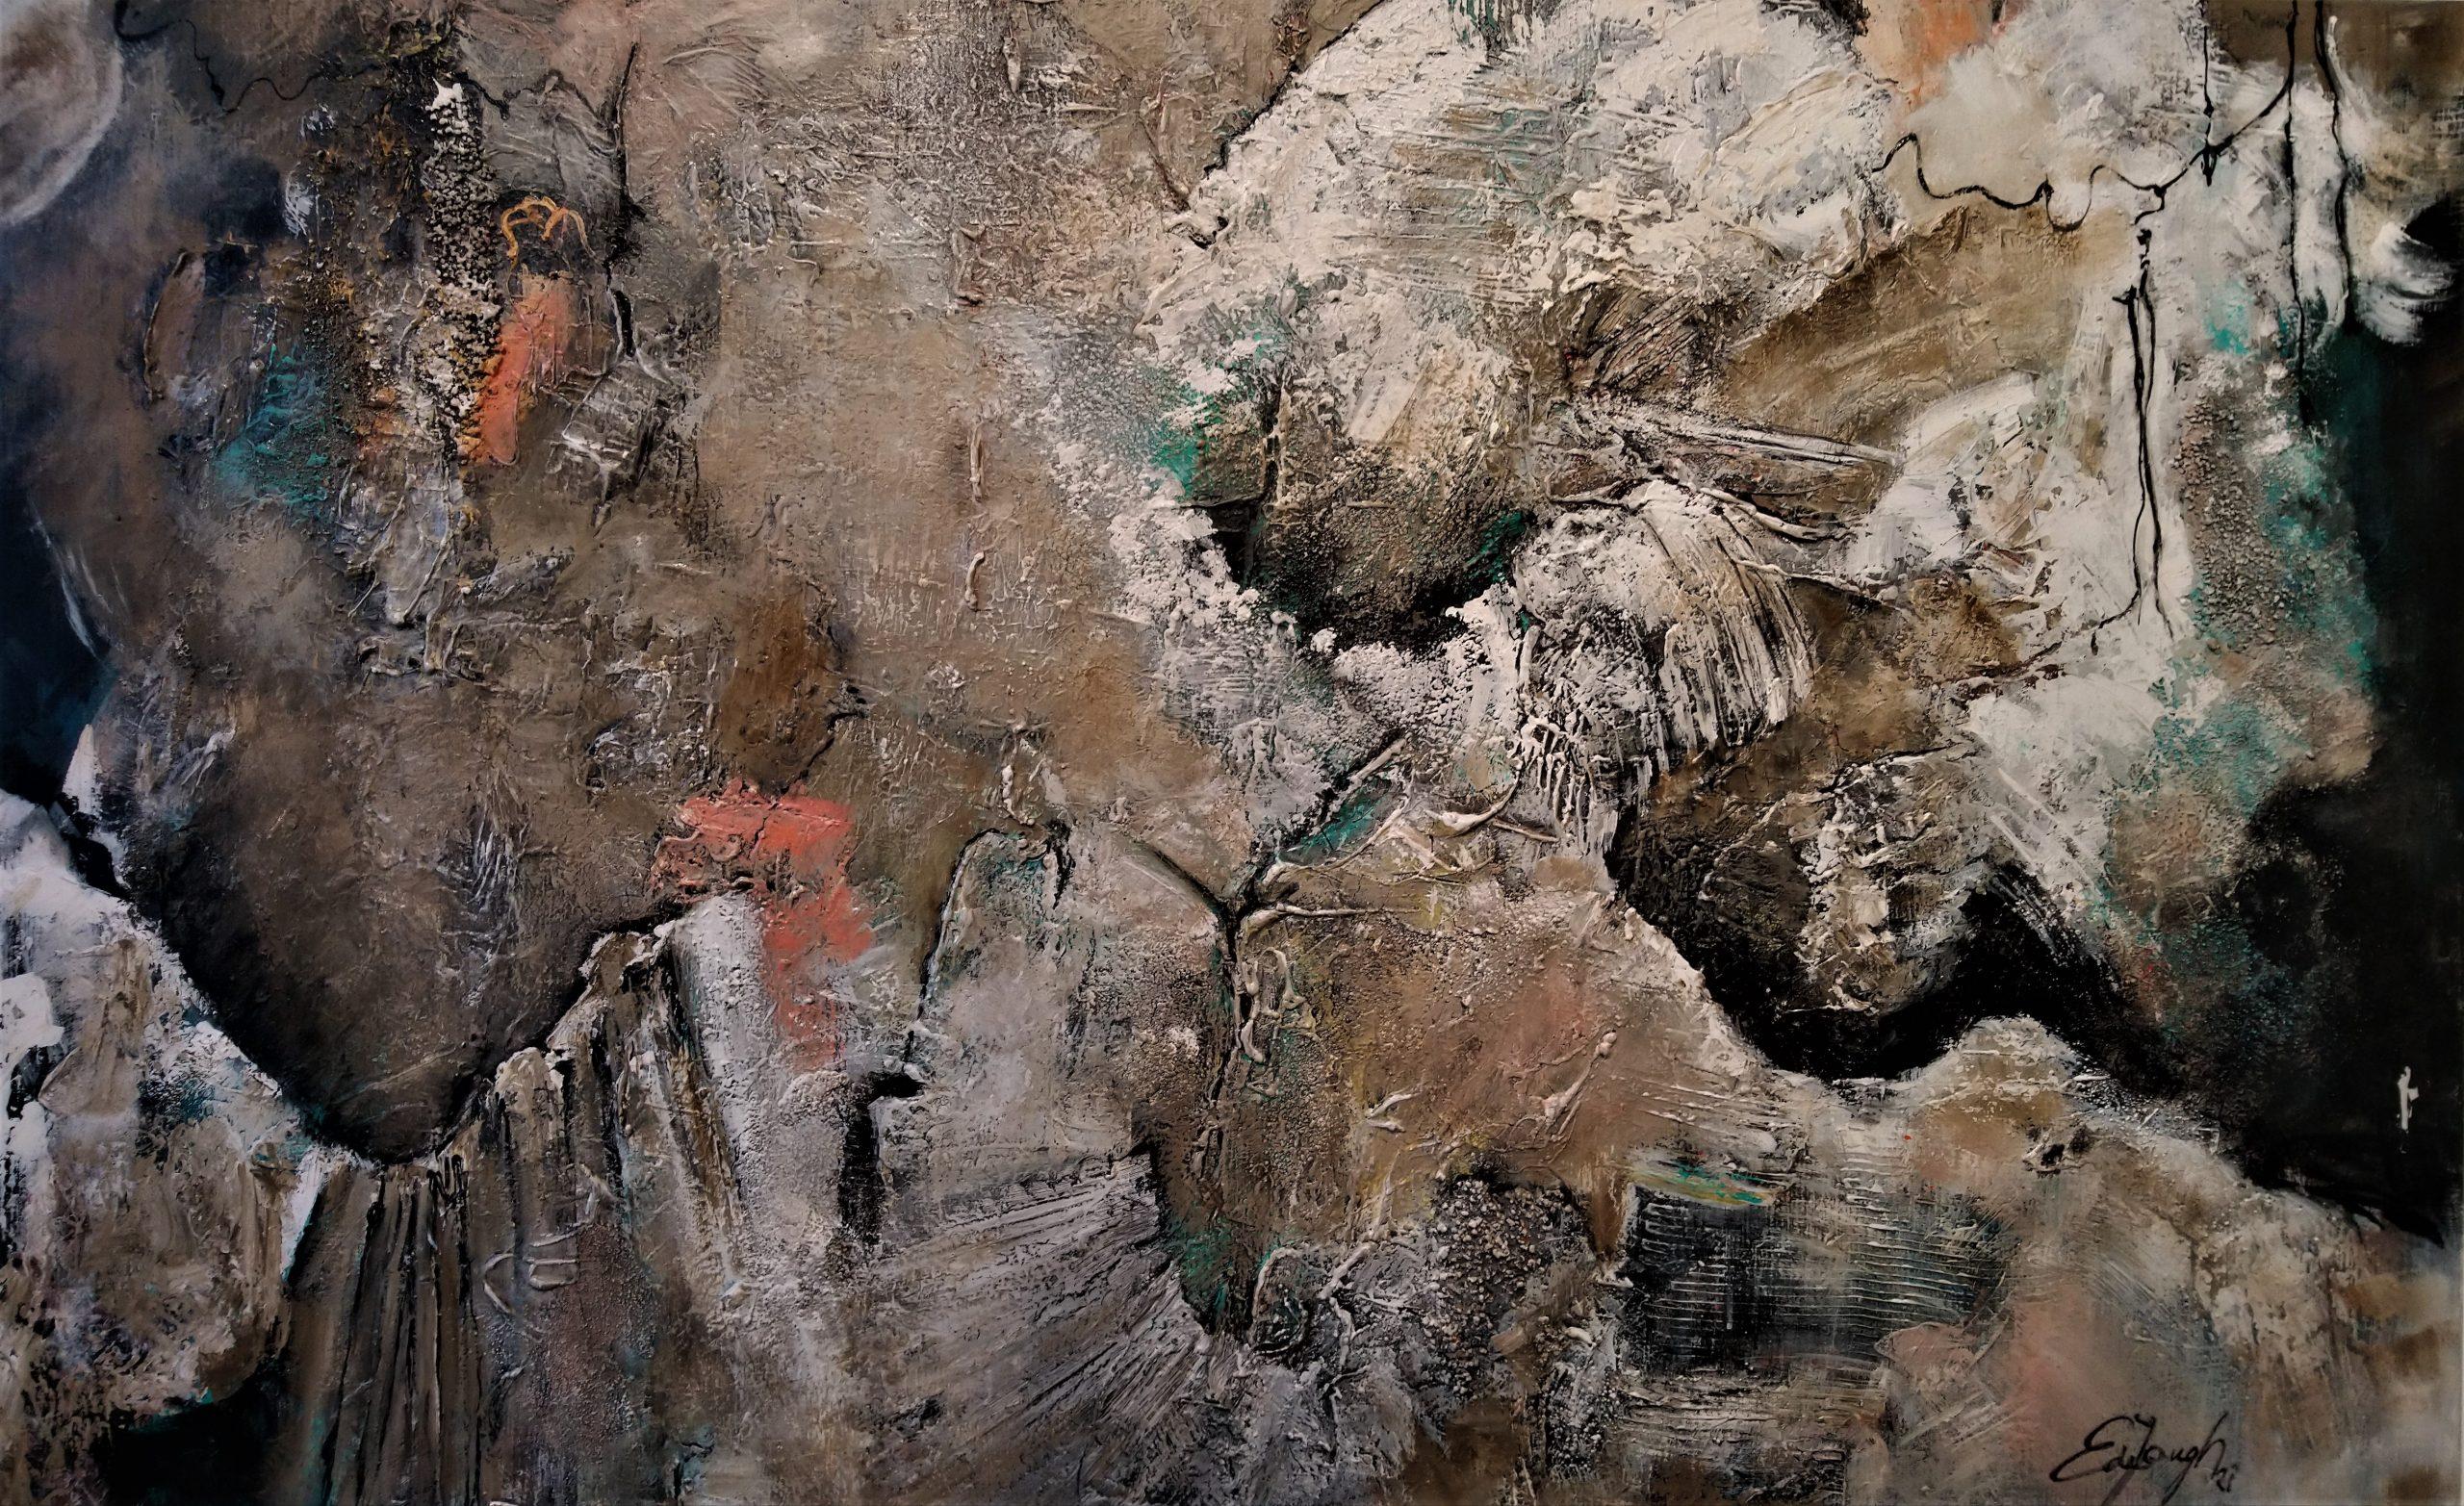 schilderij acrylverf op canvas 100 x 160 cm